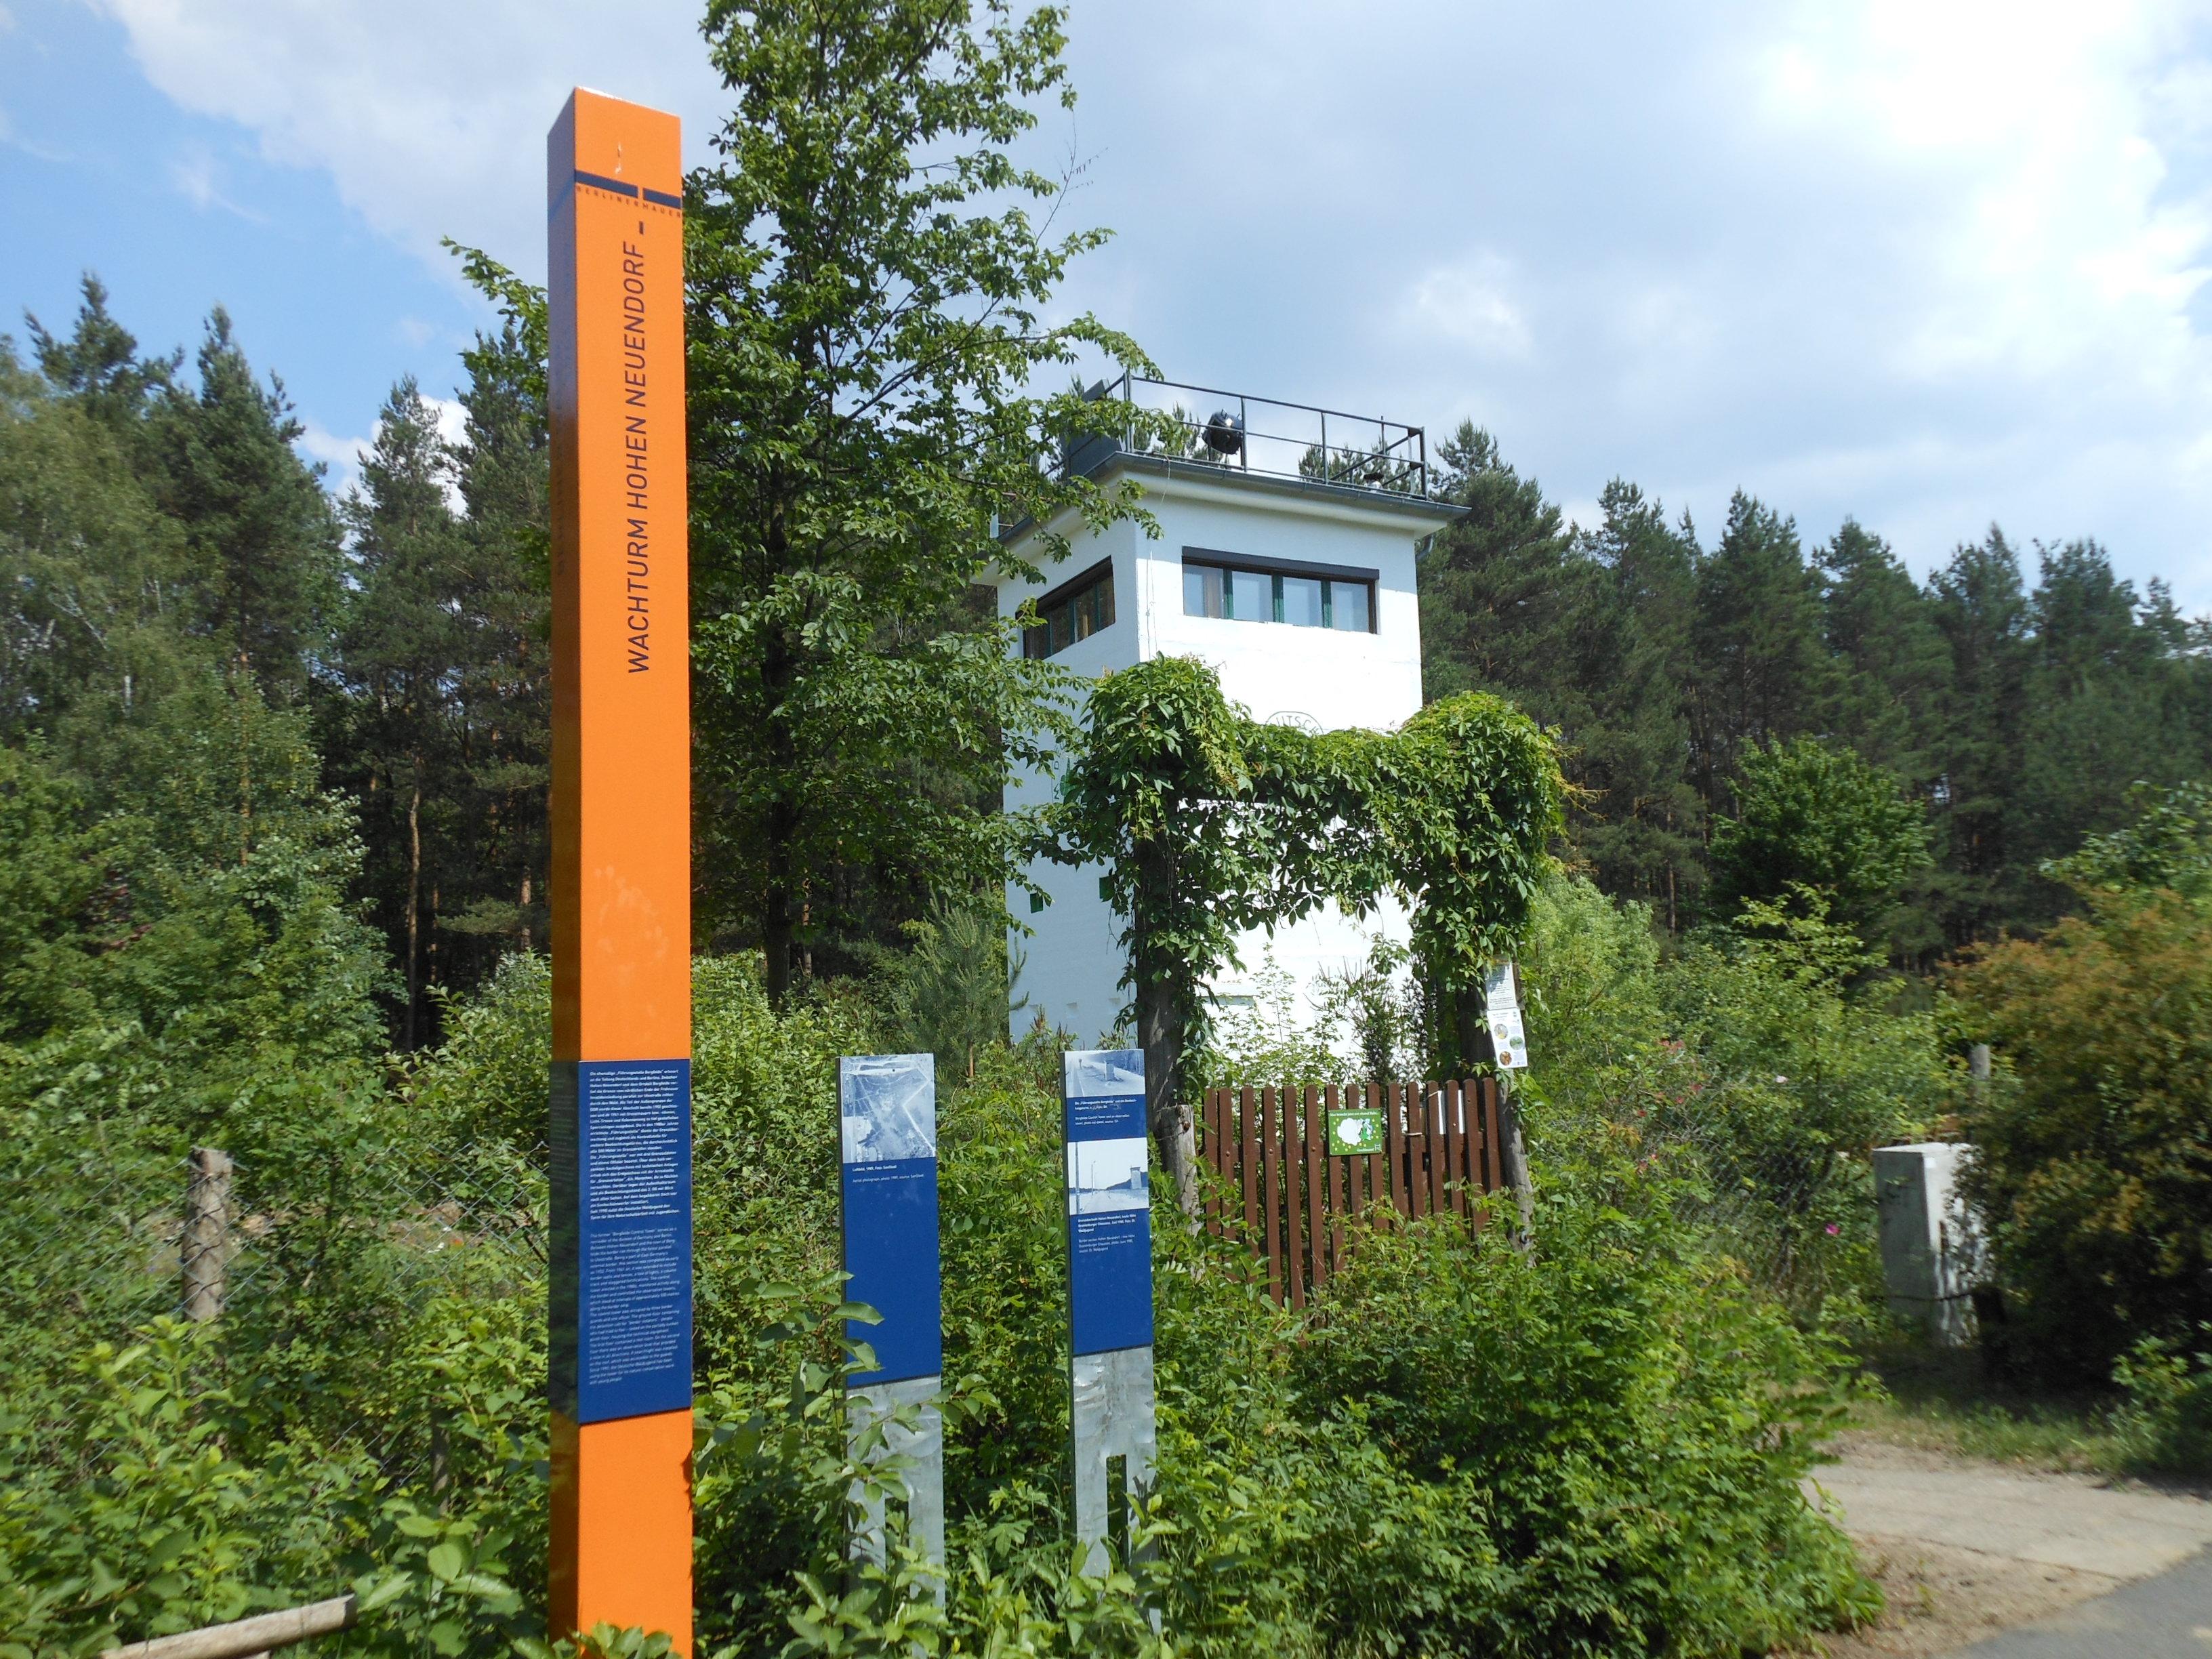 Grenzturm Deutsche Waldjugend